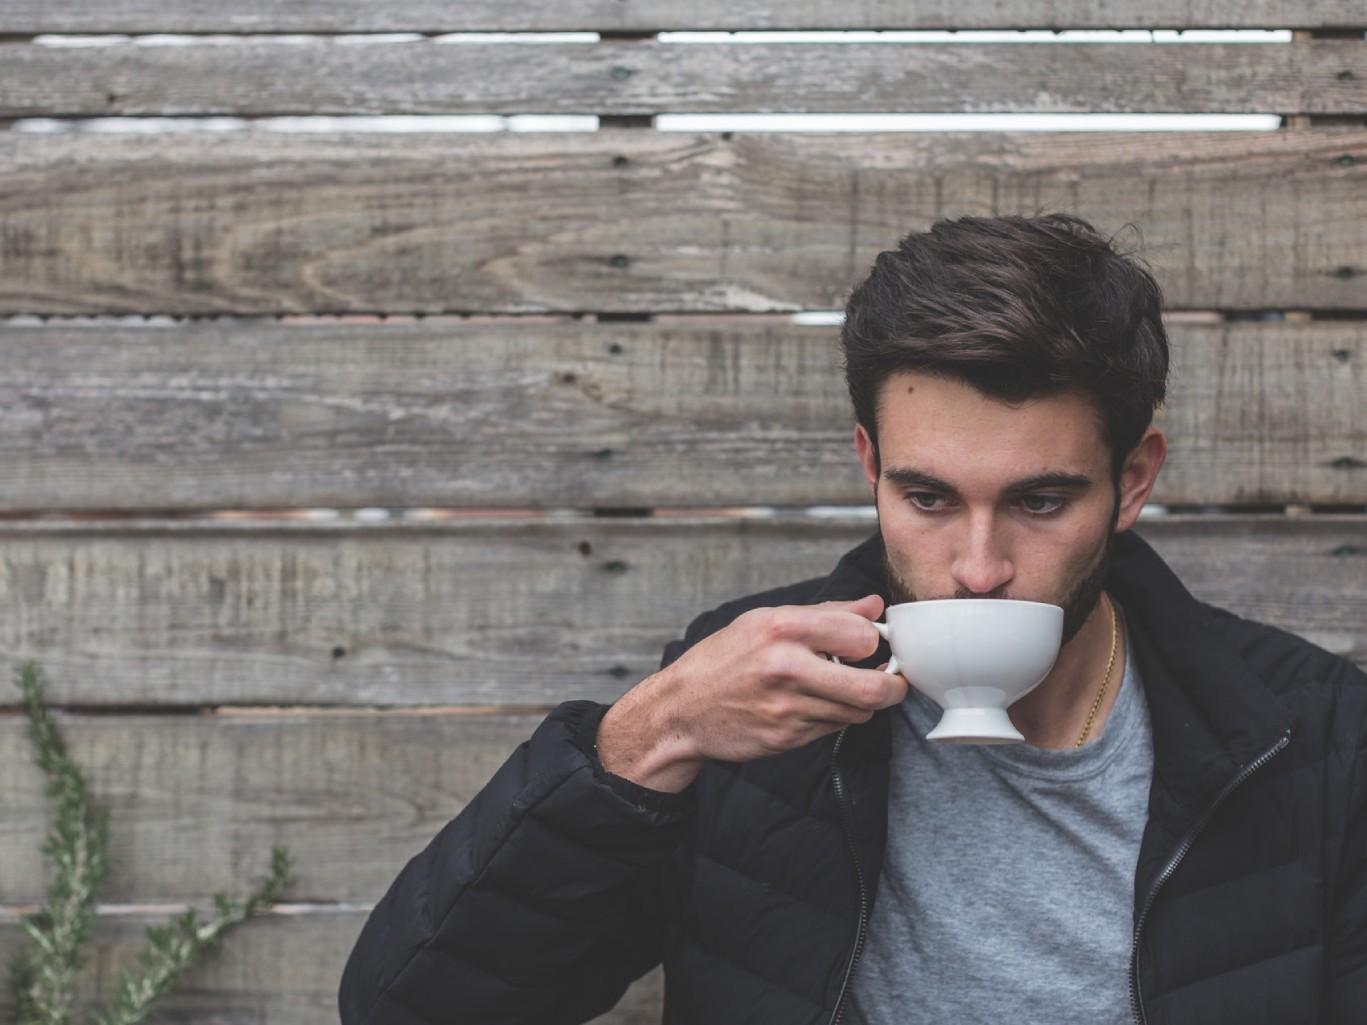 Топ-7 напитков, которые помогут поддерживать сон и вес в норме